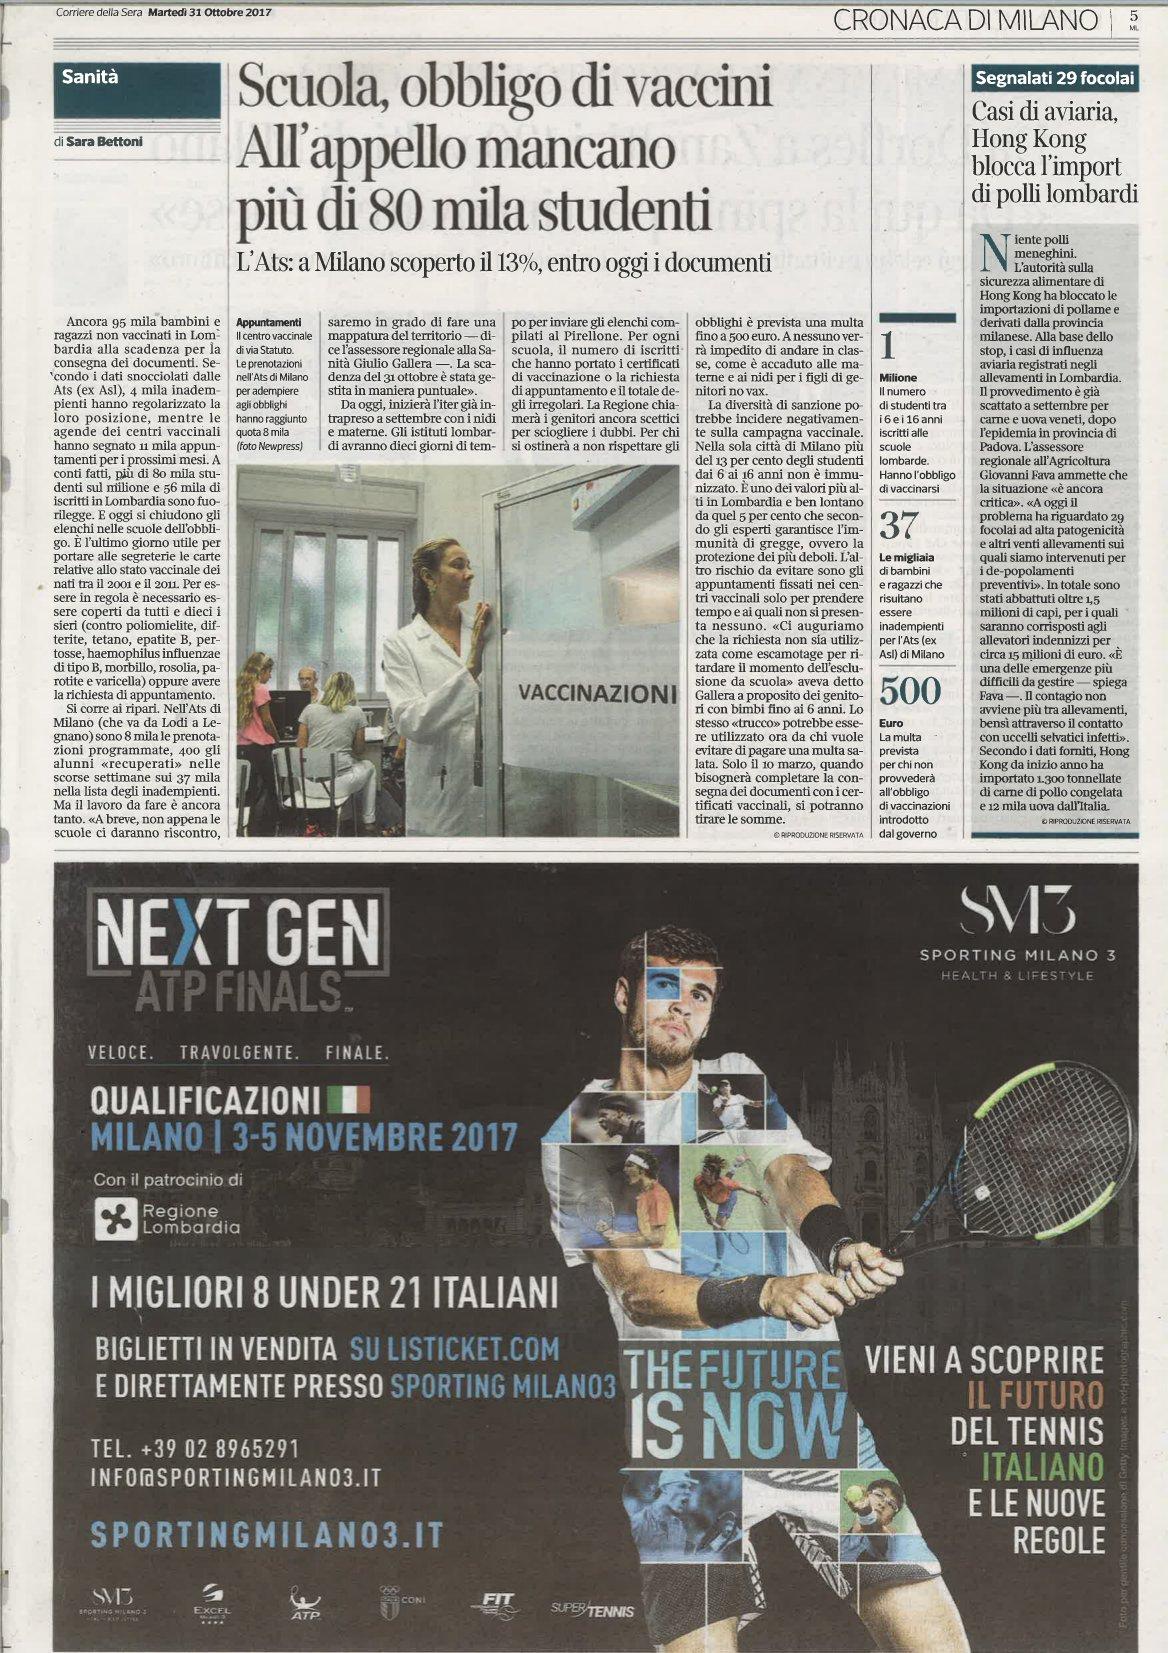 Next Gen Atp corriere-sera-31-ottobre-2017